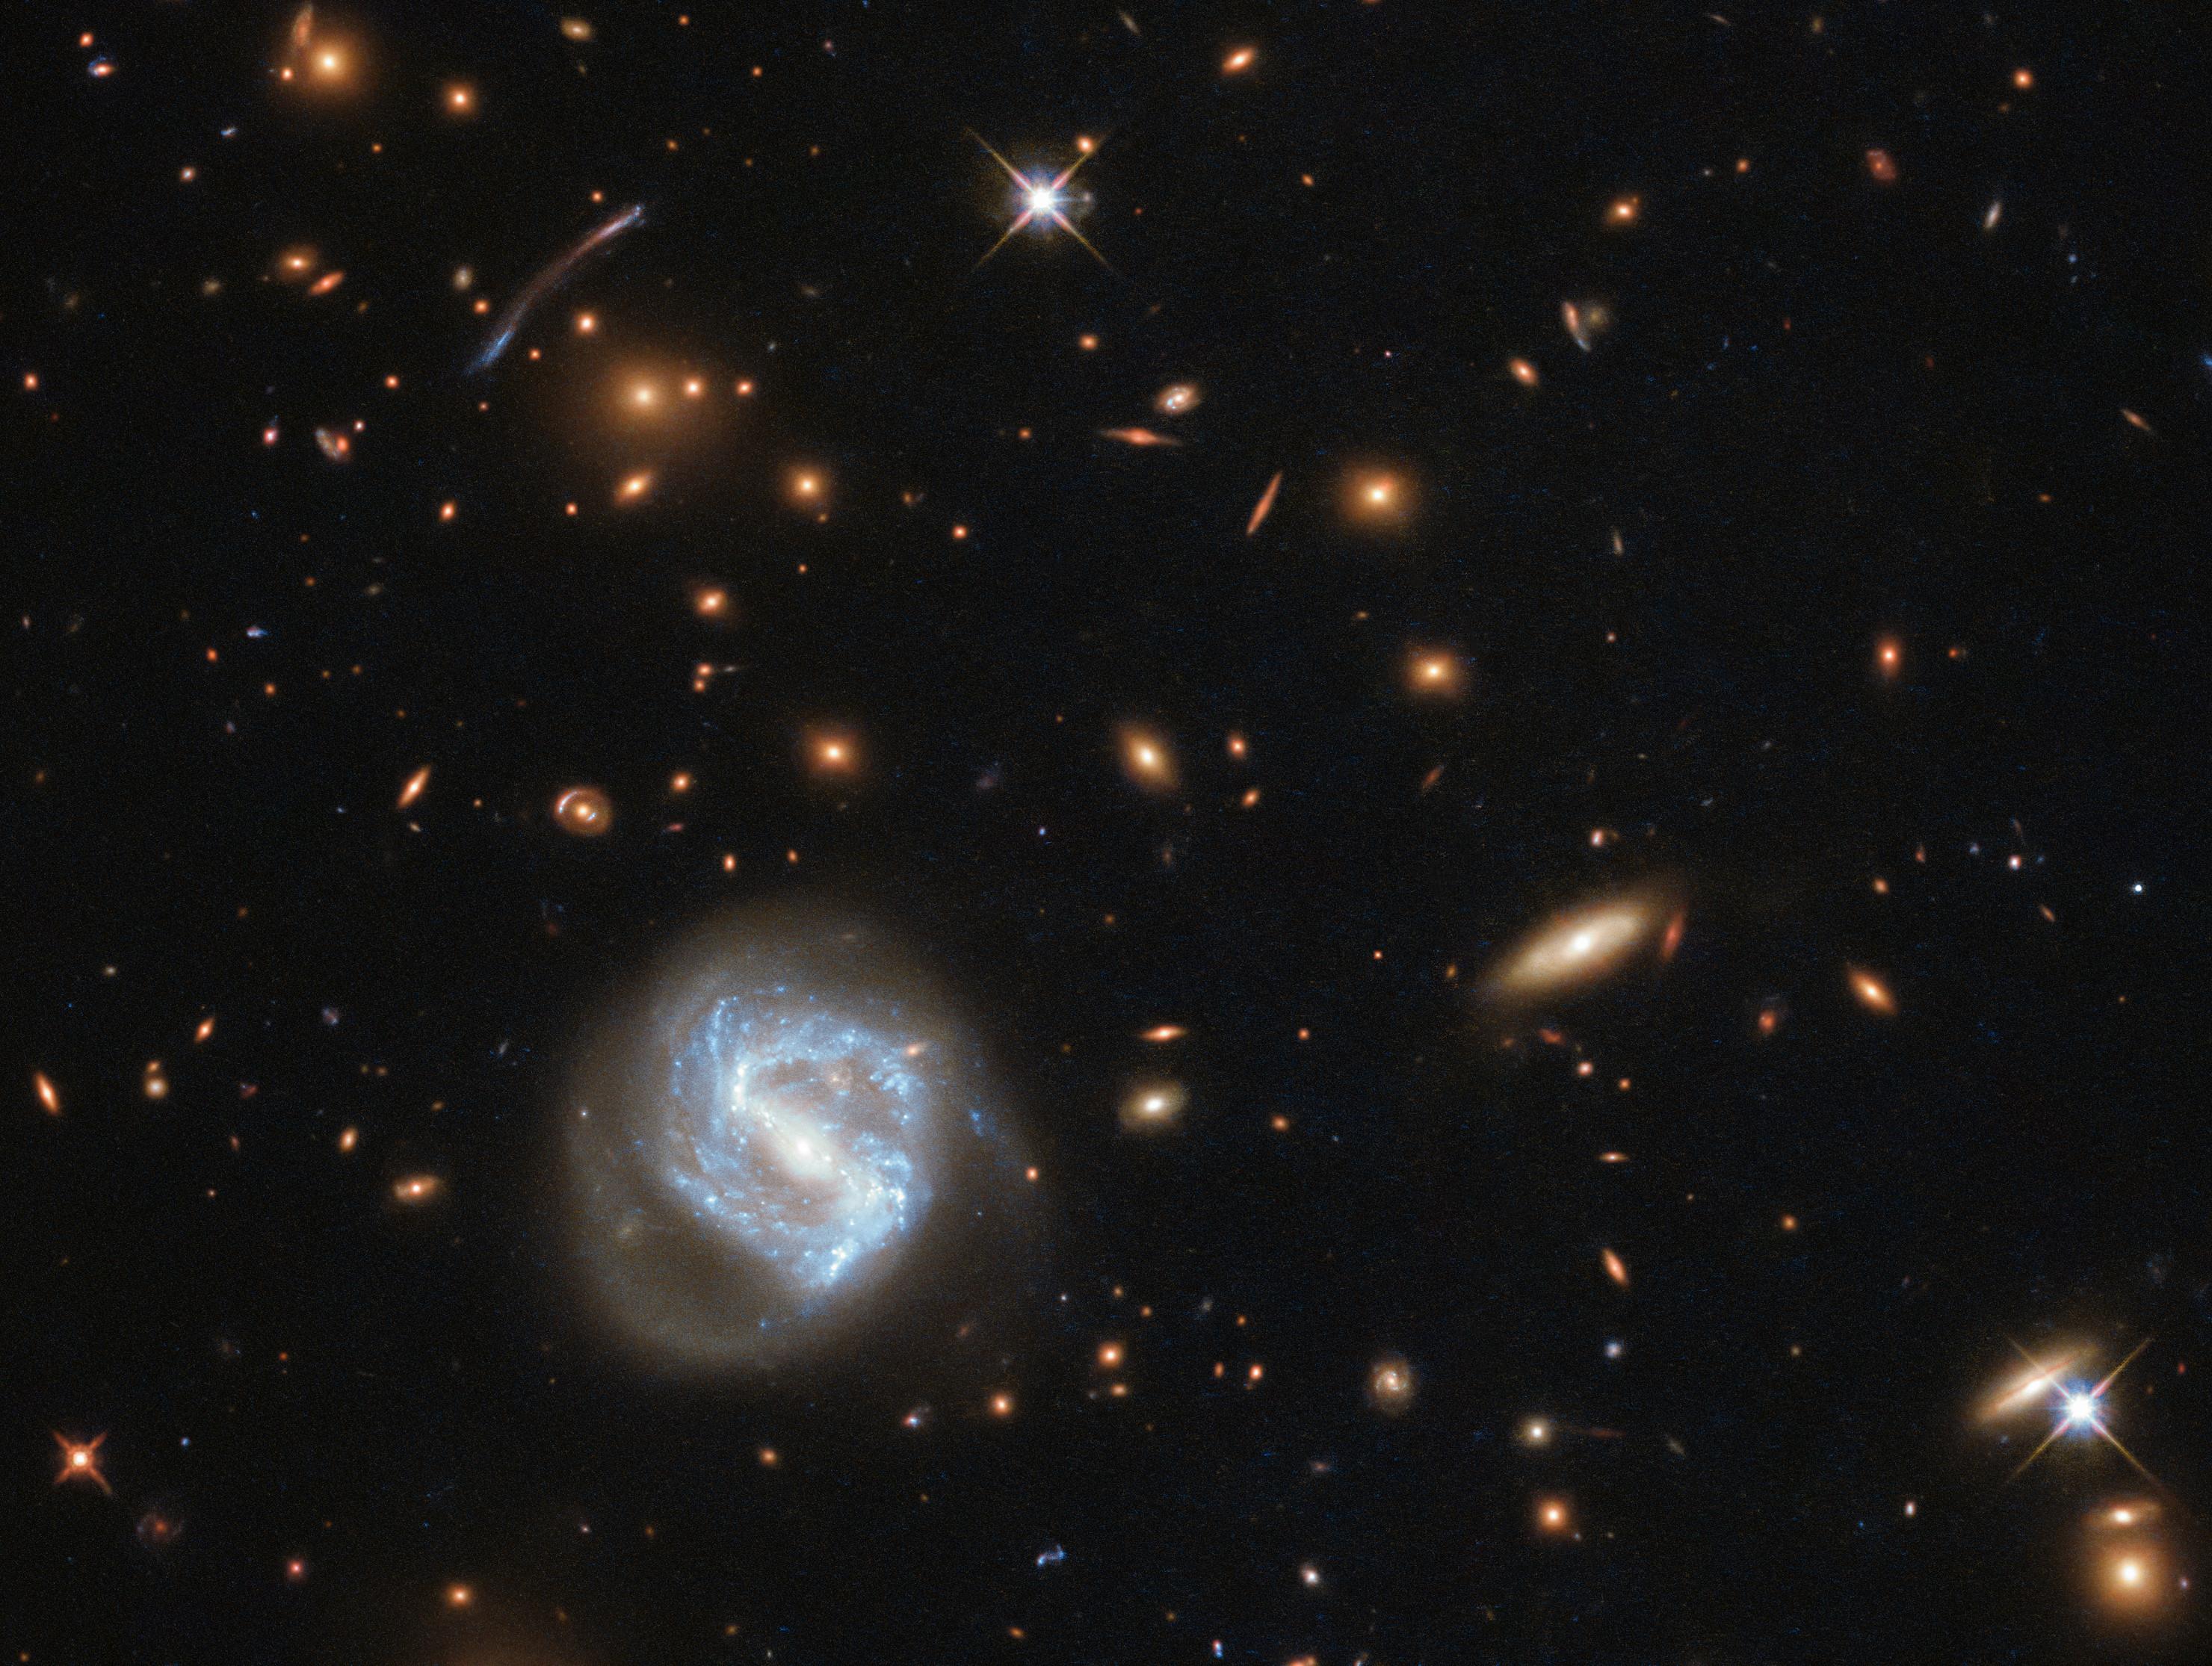 Hubble's Galaxy Cluster Cornucopia